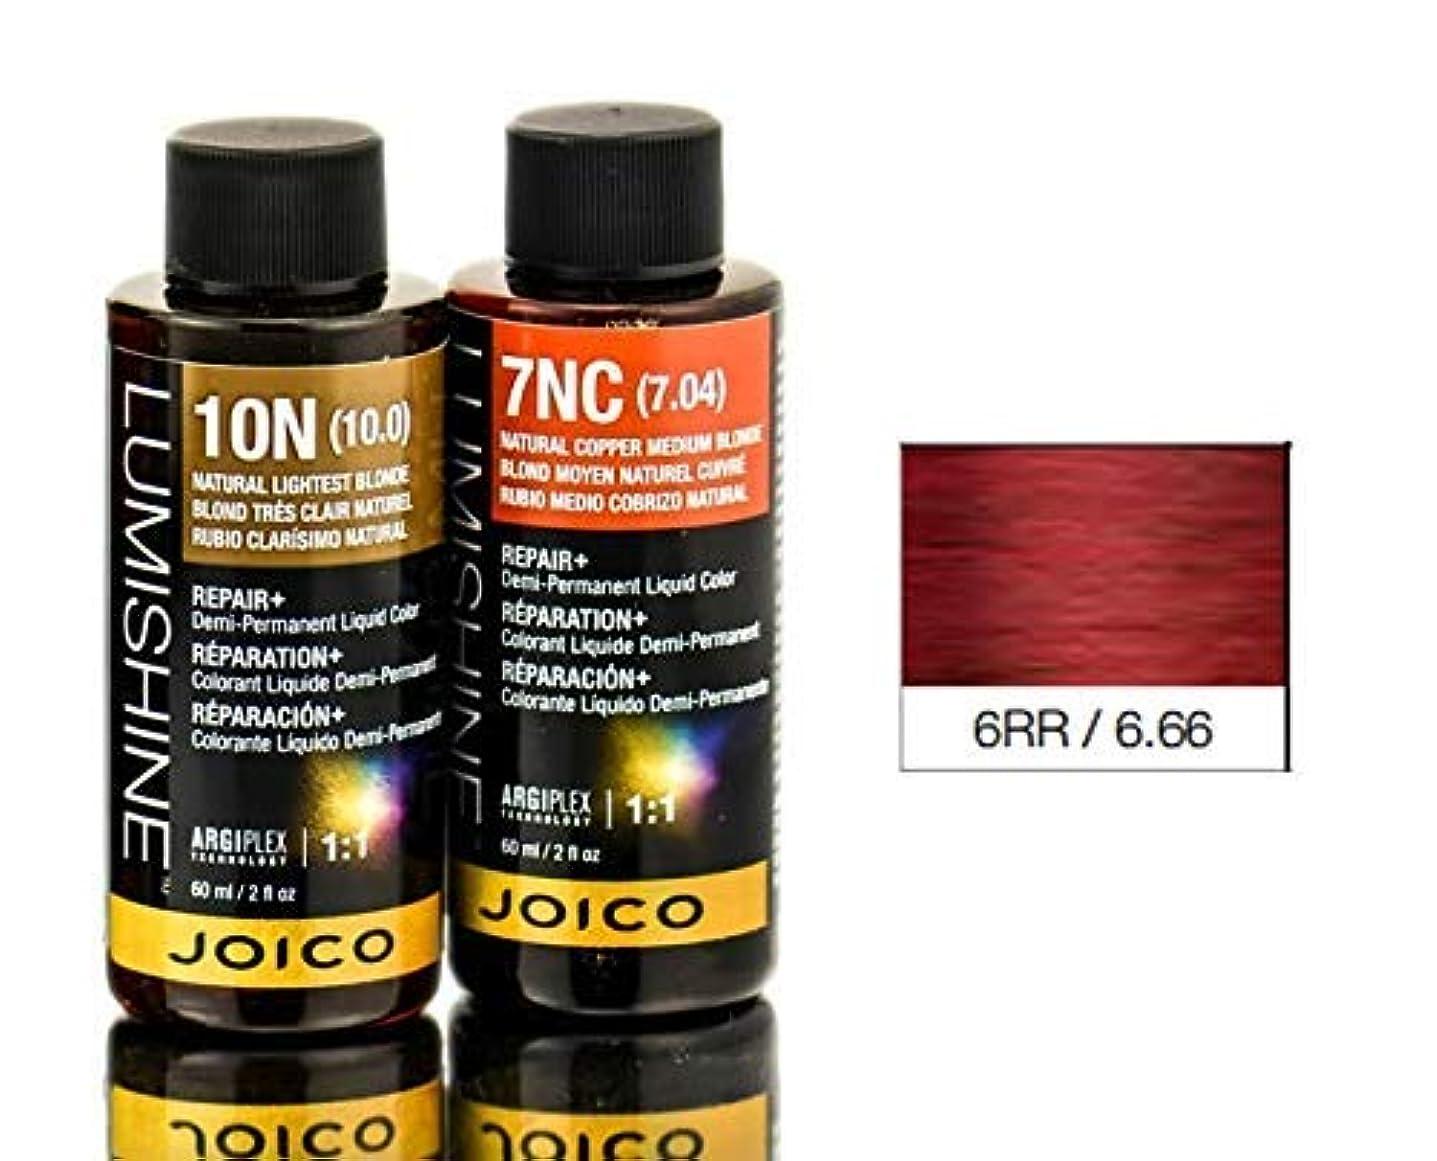 第二に居心地の良い付添人Joico Lumishineデミパーマネント液体色、6RR / 6.66、 2オンス